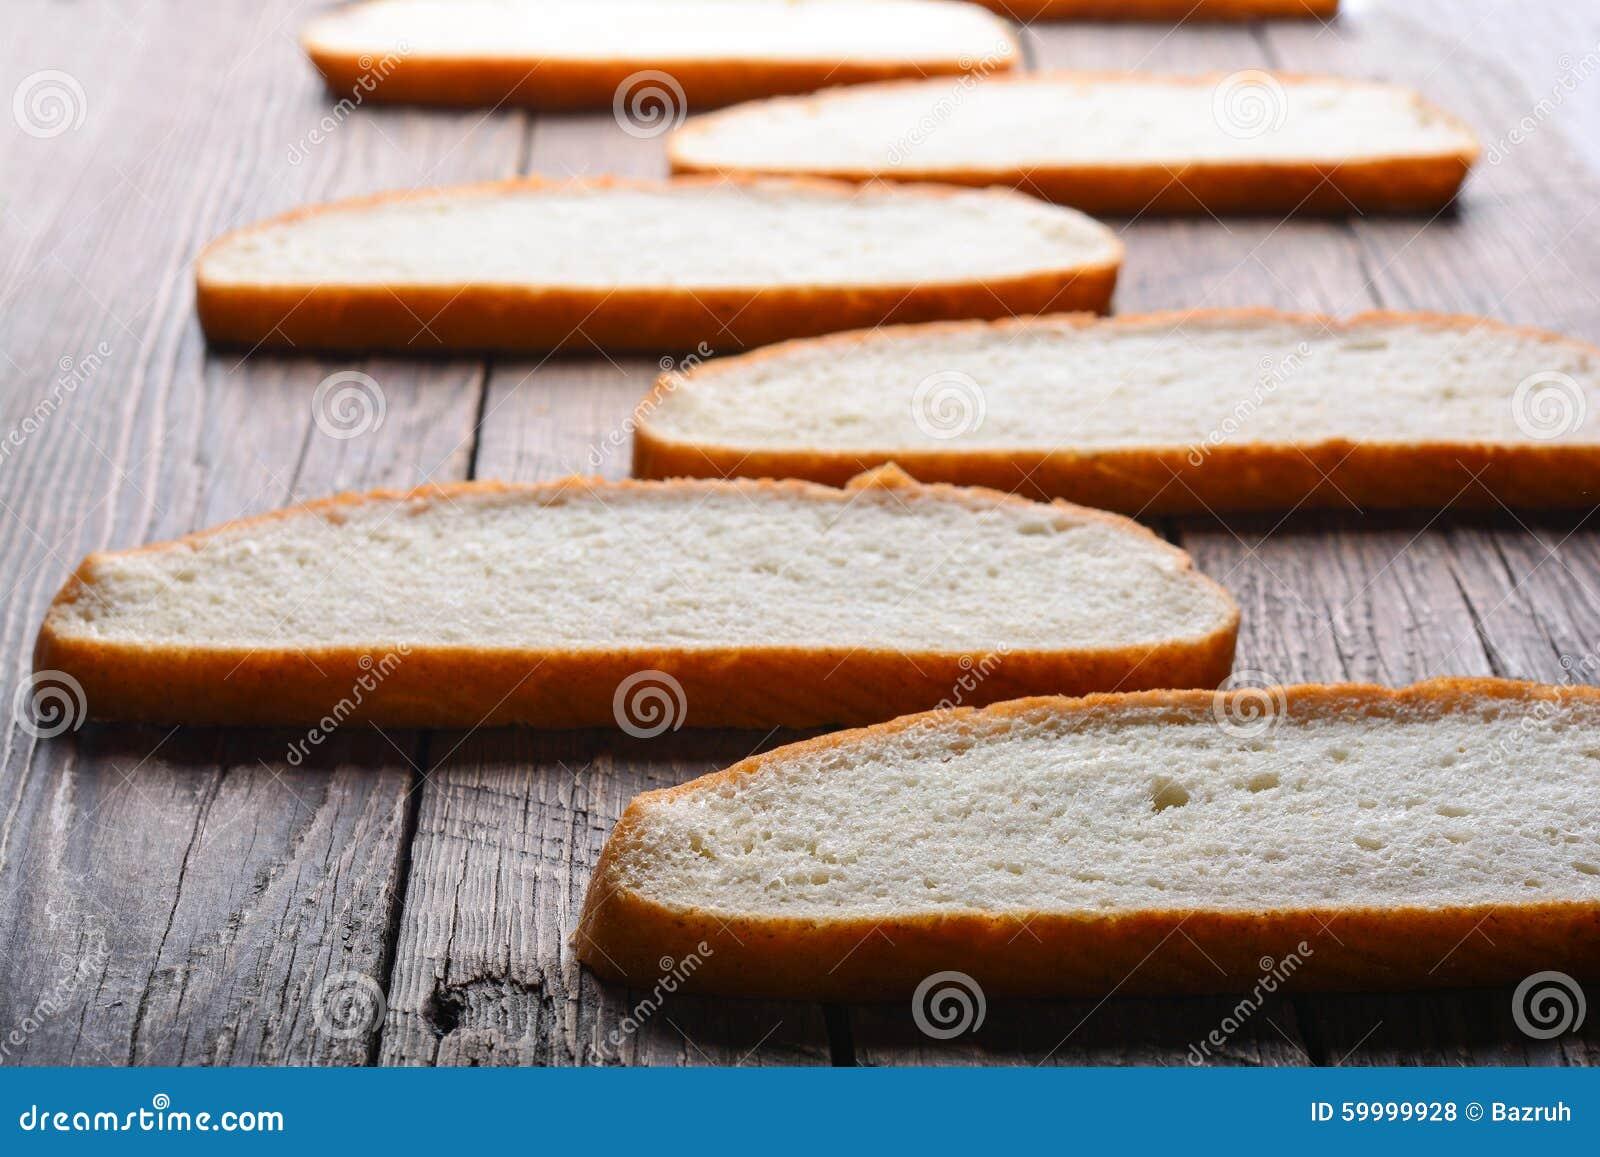 The cut white bread